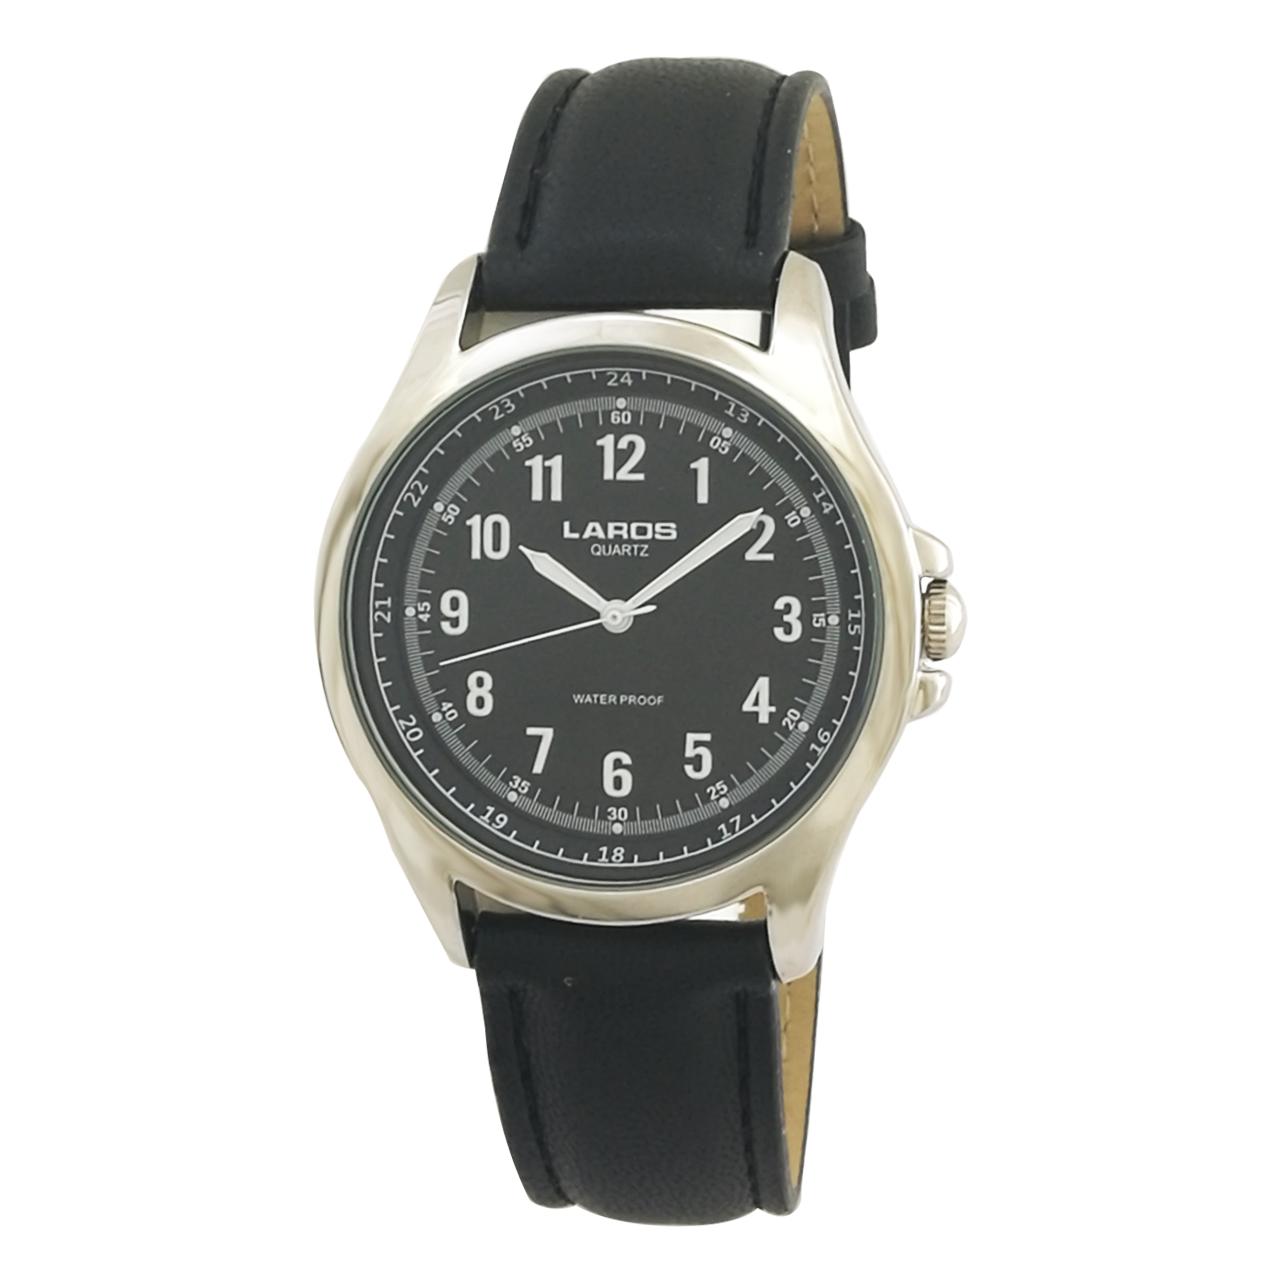 ساعت مچی عقربه ای مردانه لاروس مدل ۰۸۱۷-۸۰۰۶۳-s